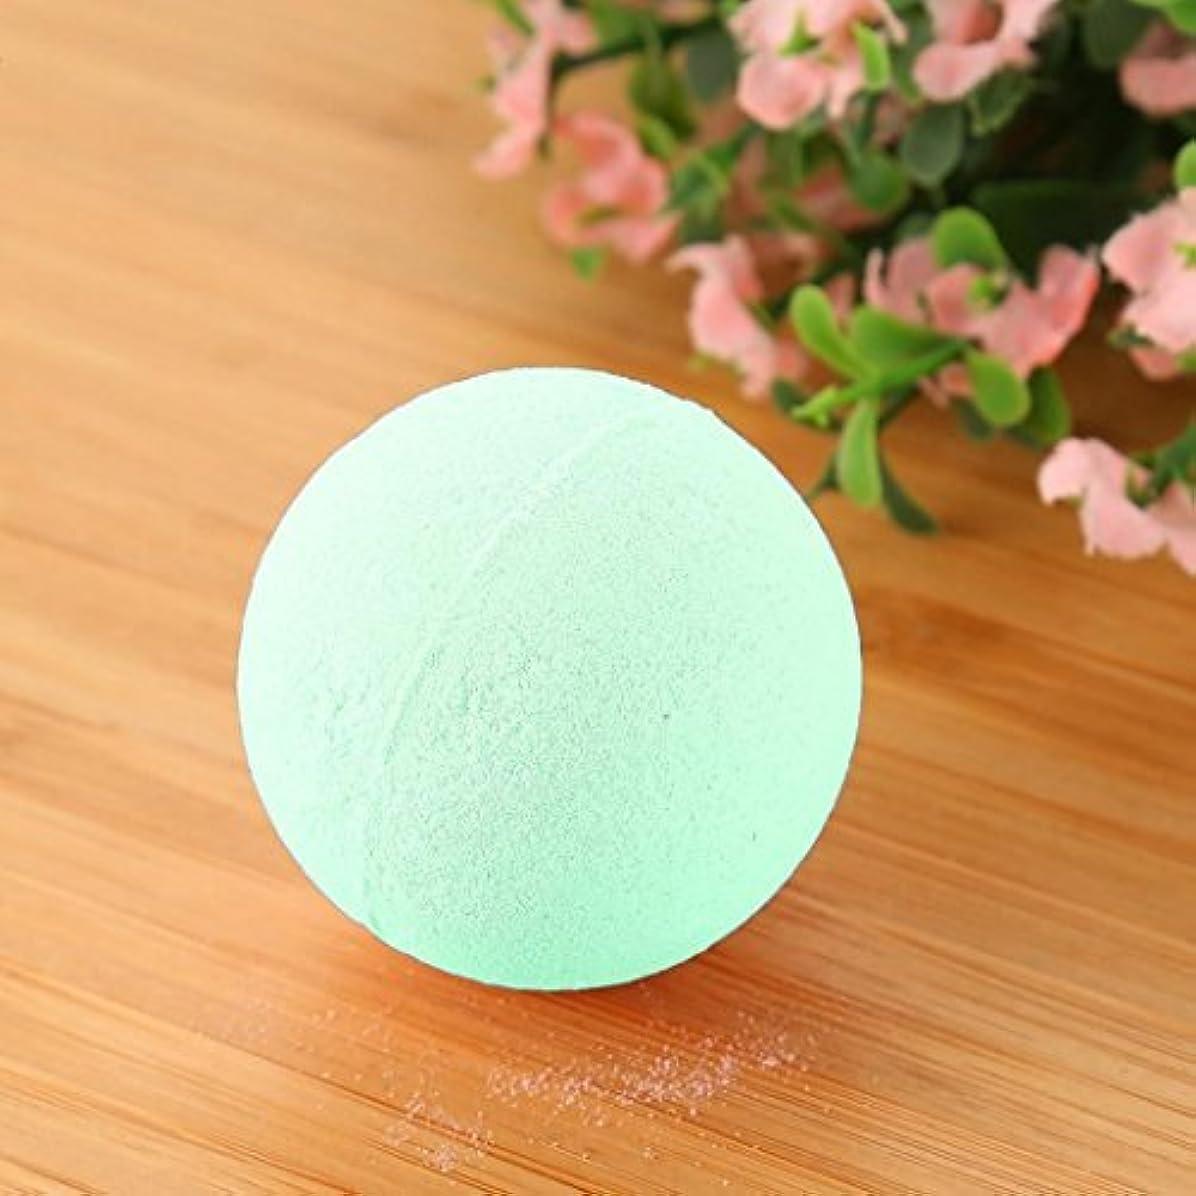 概要お手入れ添付女性のための塩ソルトボールプレゼントリラックス泡風呂